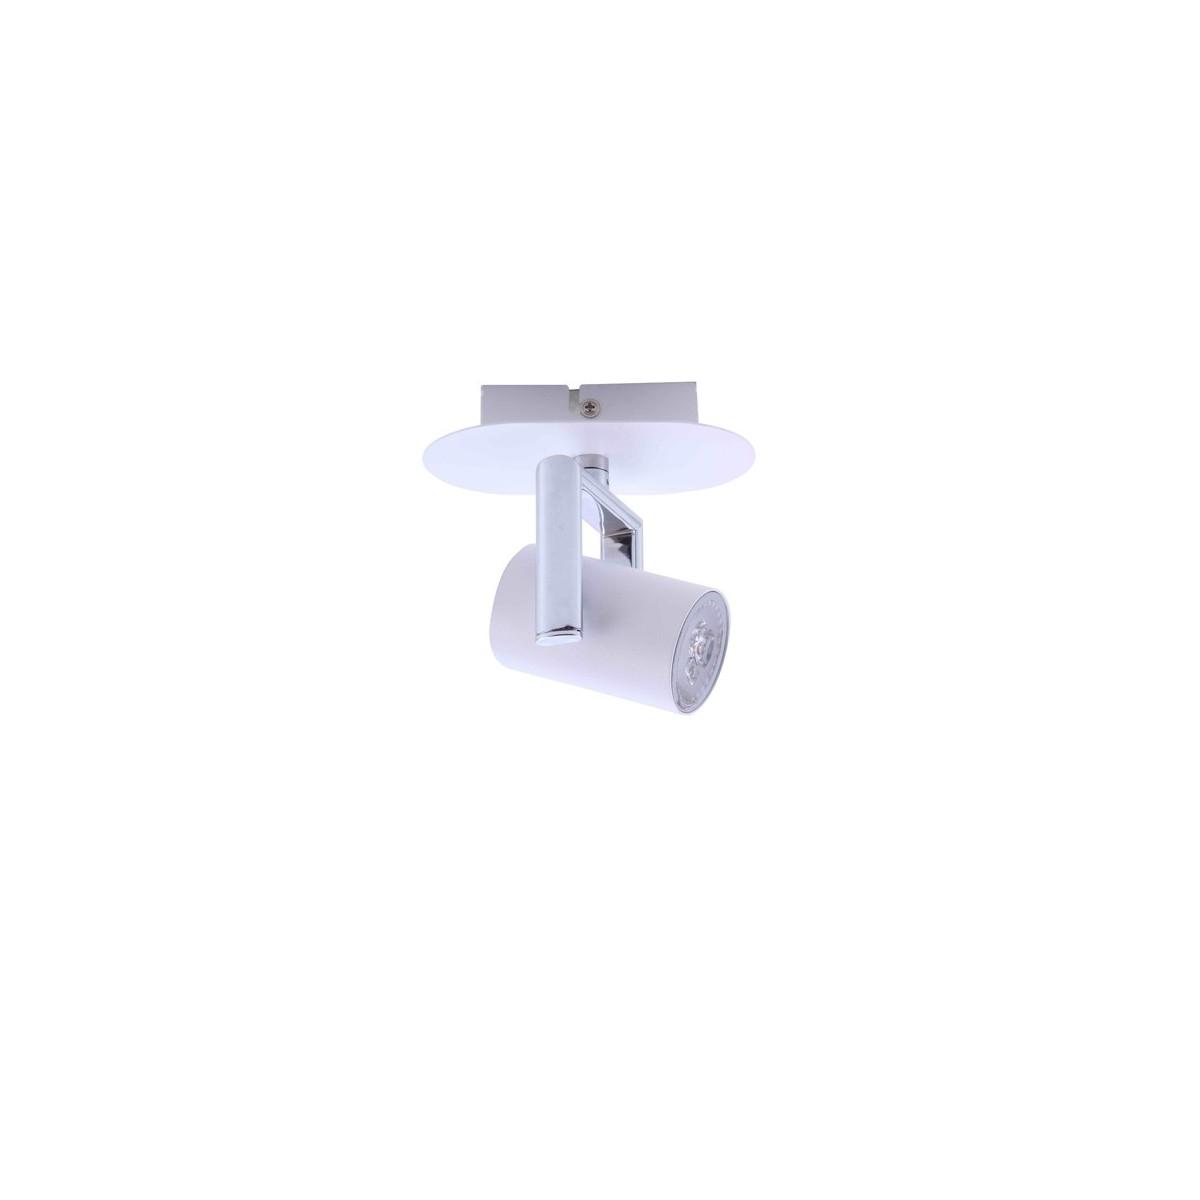 Regleta-Foco Oroel (1 x GU10)